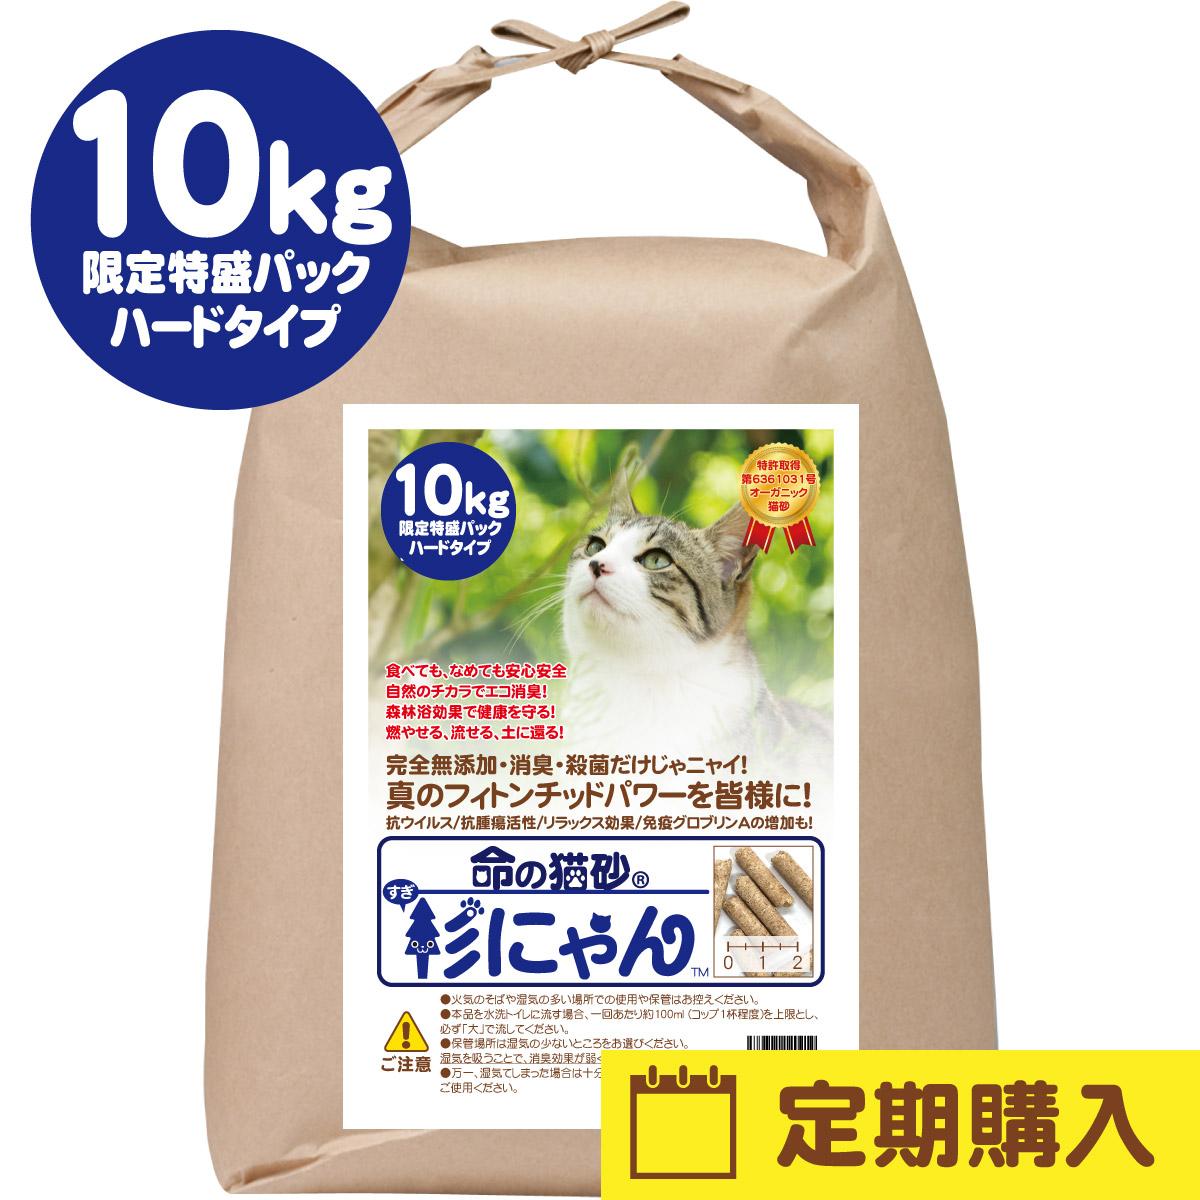 【定期購入:5%OFF】 命の猫砂 ハードタイプ 大盛エコパック 10kg/米袋1袋 簡易包装